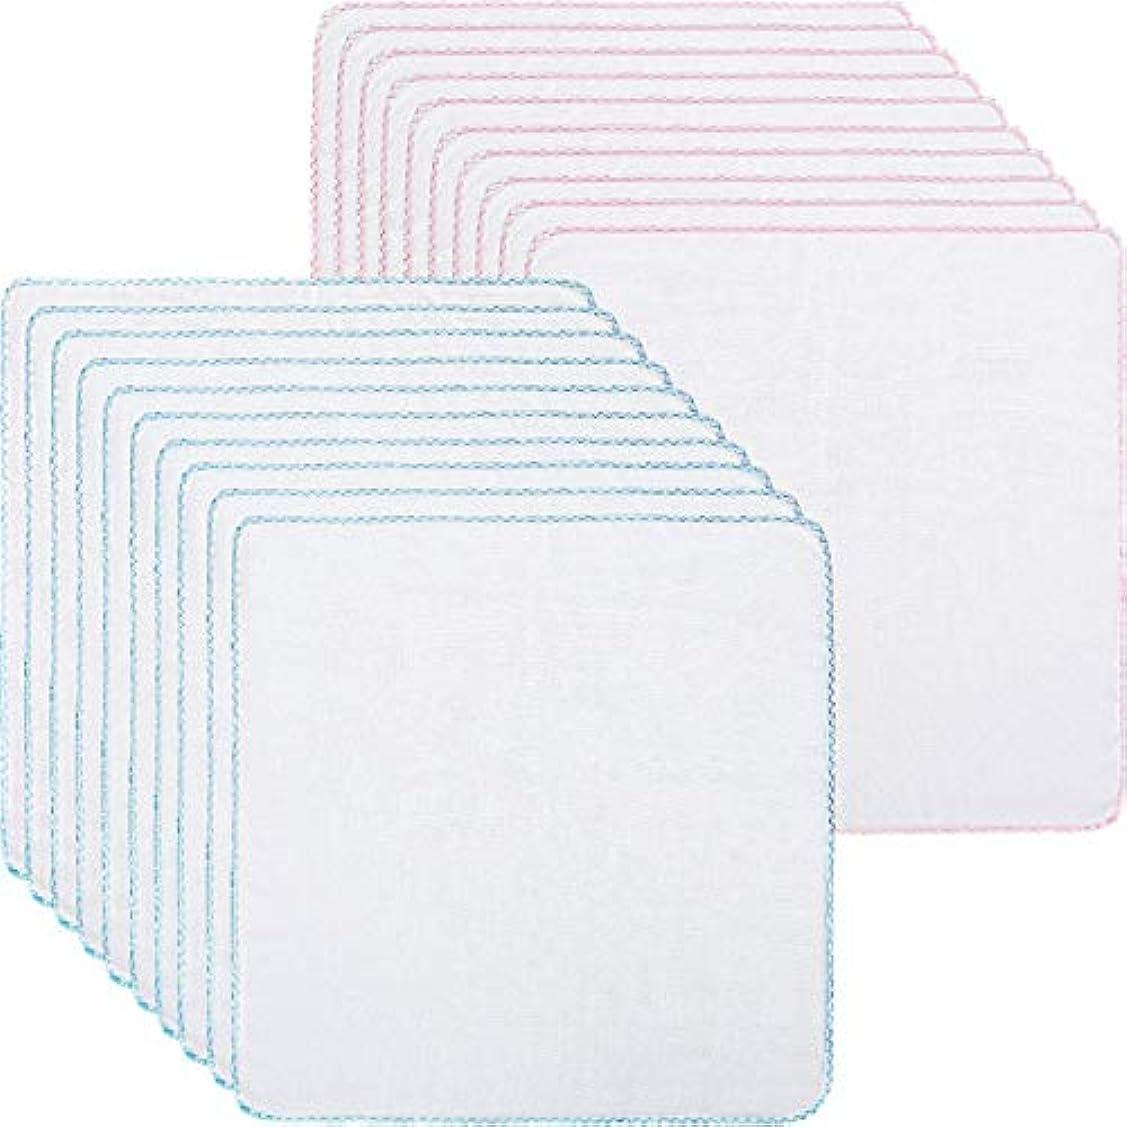 間欠クライアント志すWadachikis フレンドリー20ピースピュアコットンフェイシャルクレンジングモスリン布ソフトフェイシャルクレンジングメイクリムーバー布、青とピンク